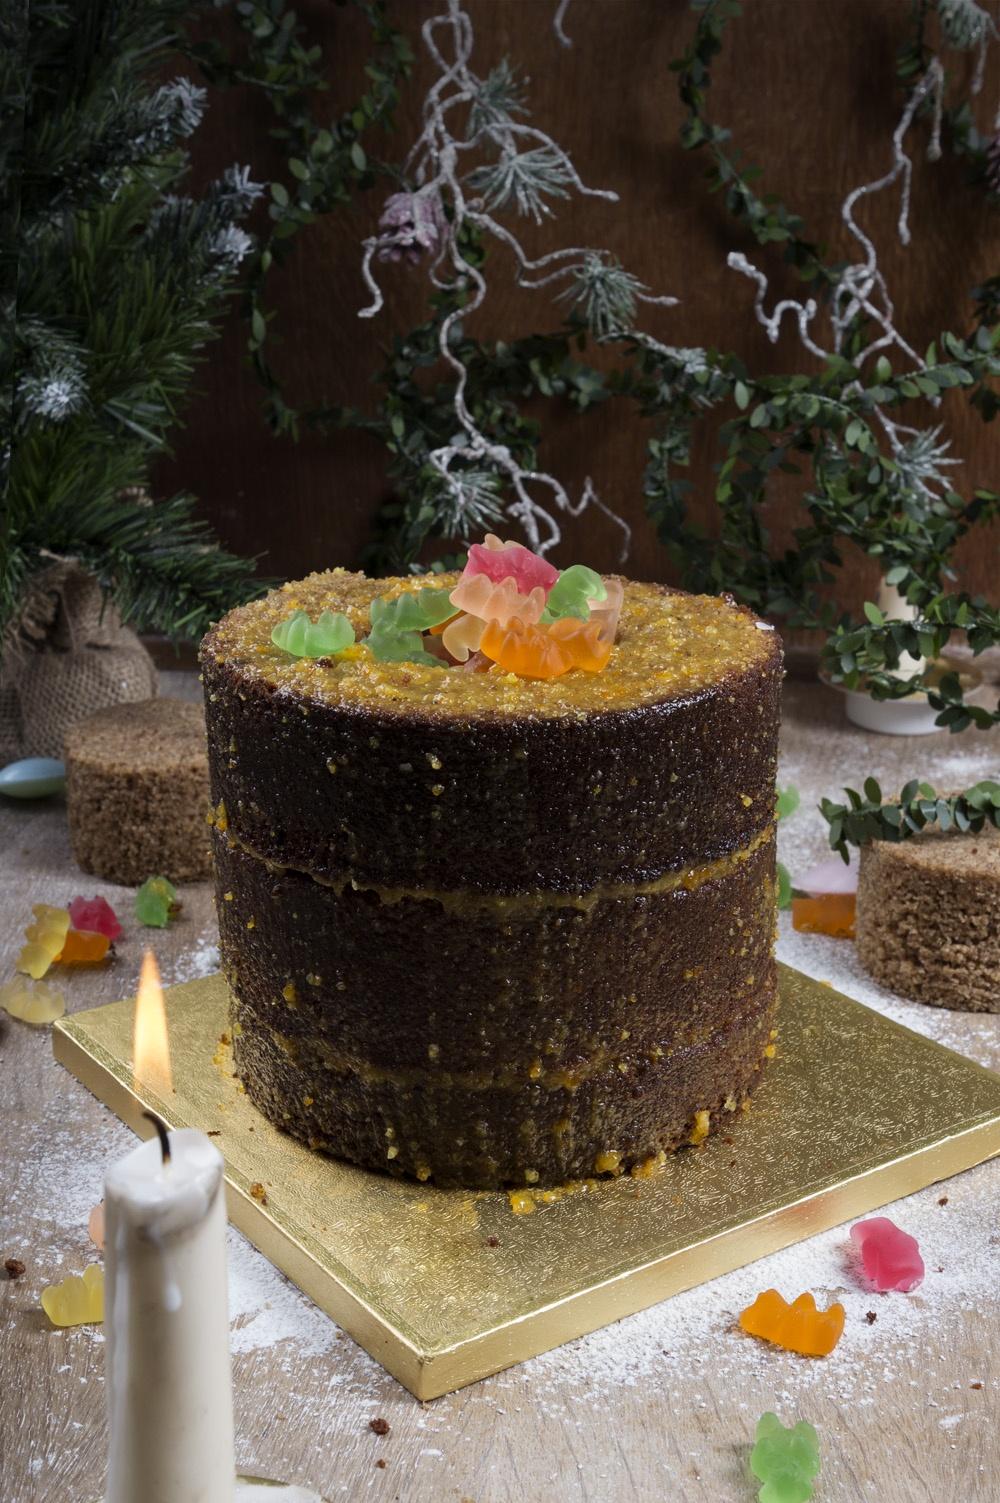 pinata-cake-montage-qui-a-vole-les-tartes-pour-feerie-cake-studio-de-creation-3